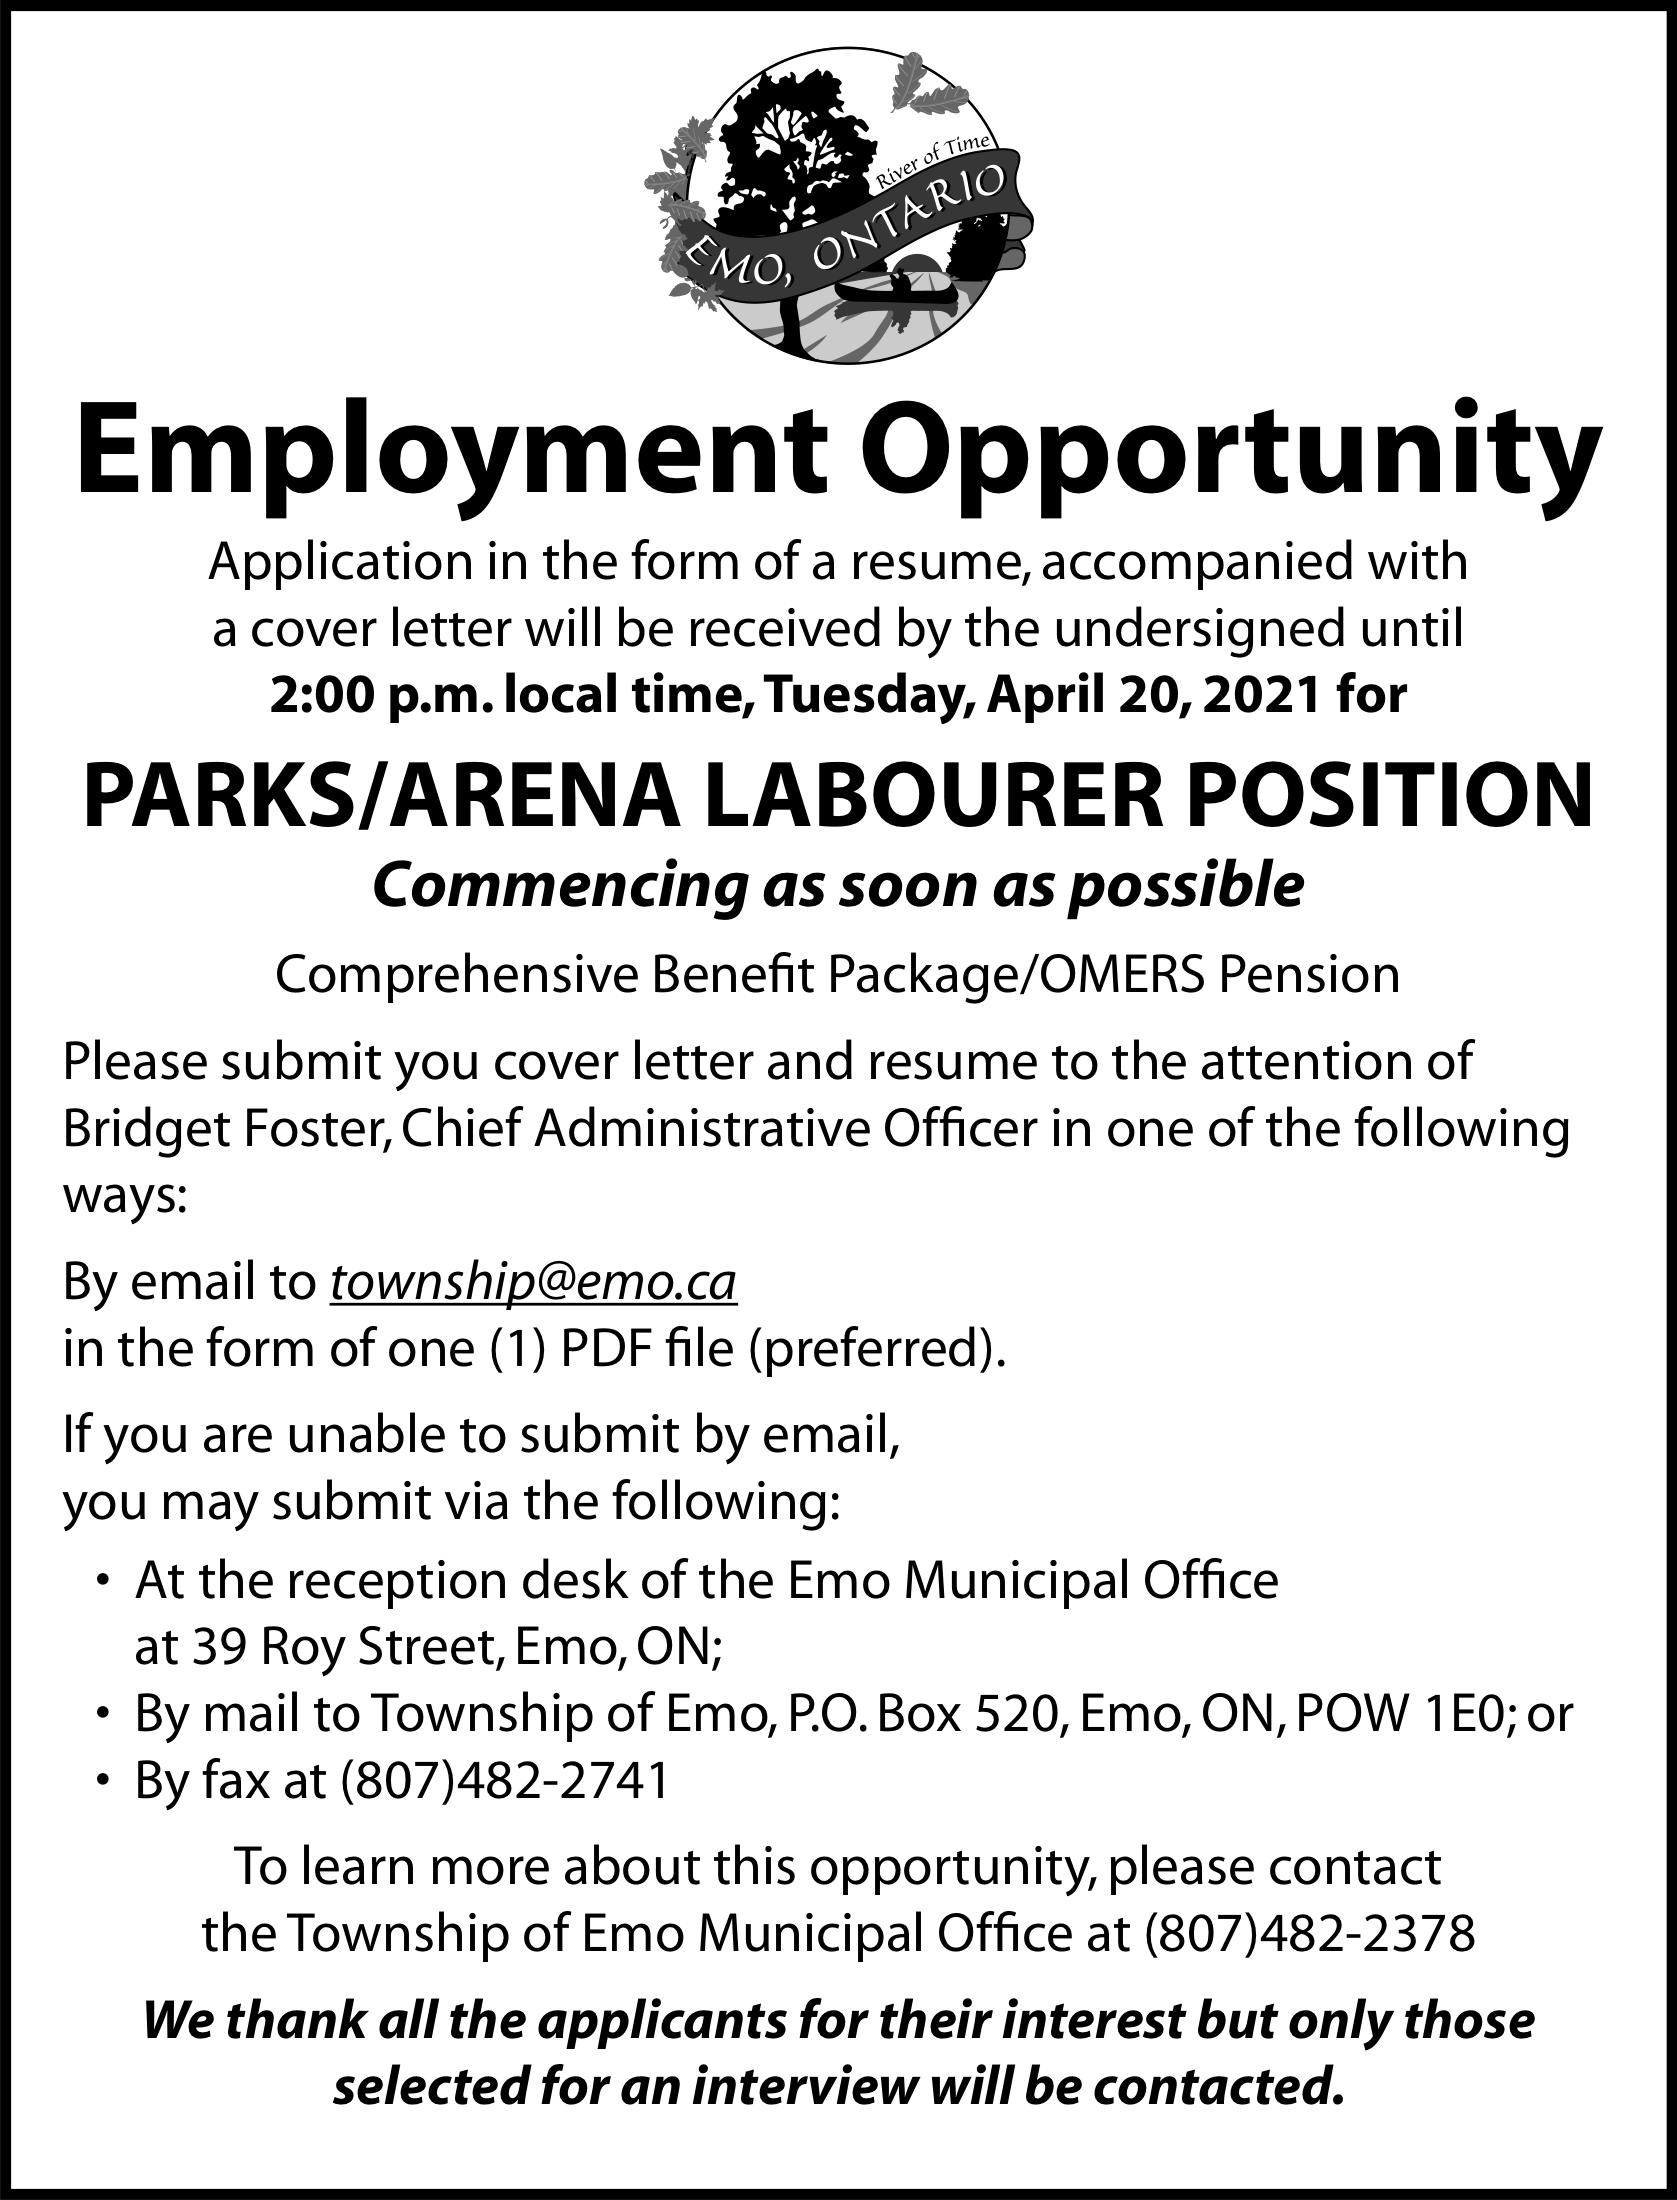 Parks/Arena Labourer Position